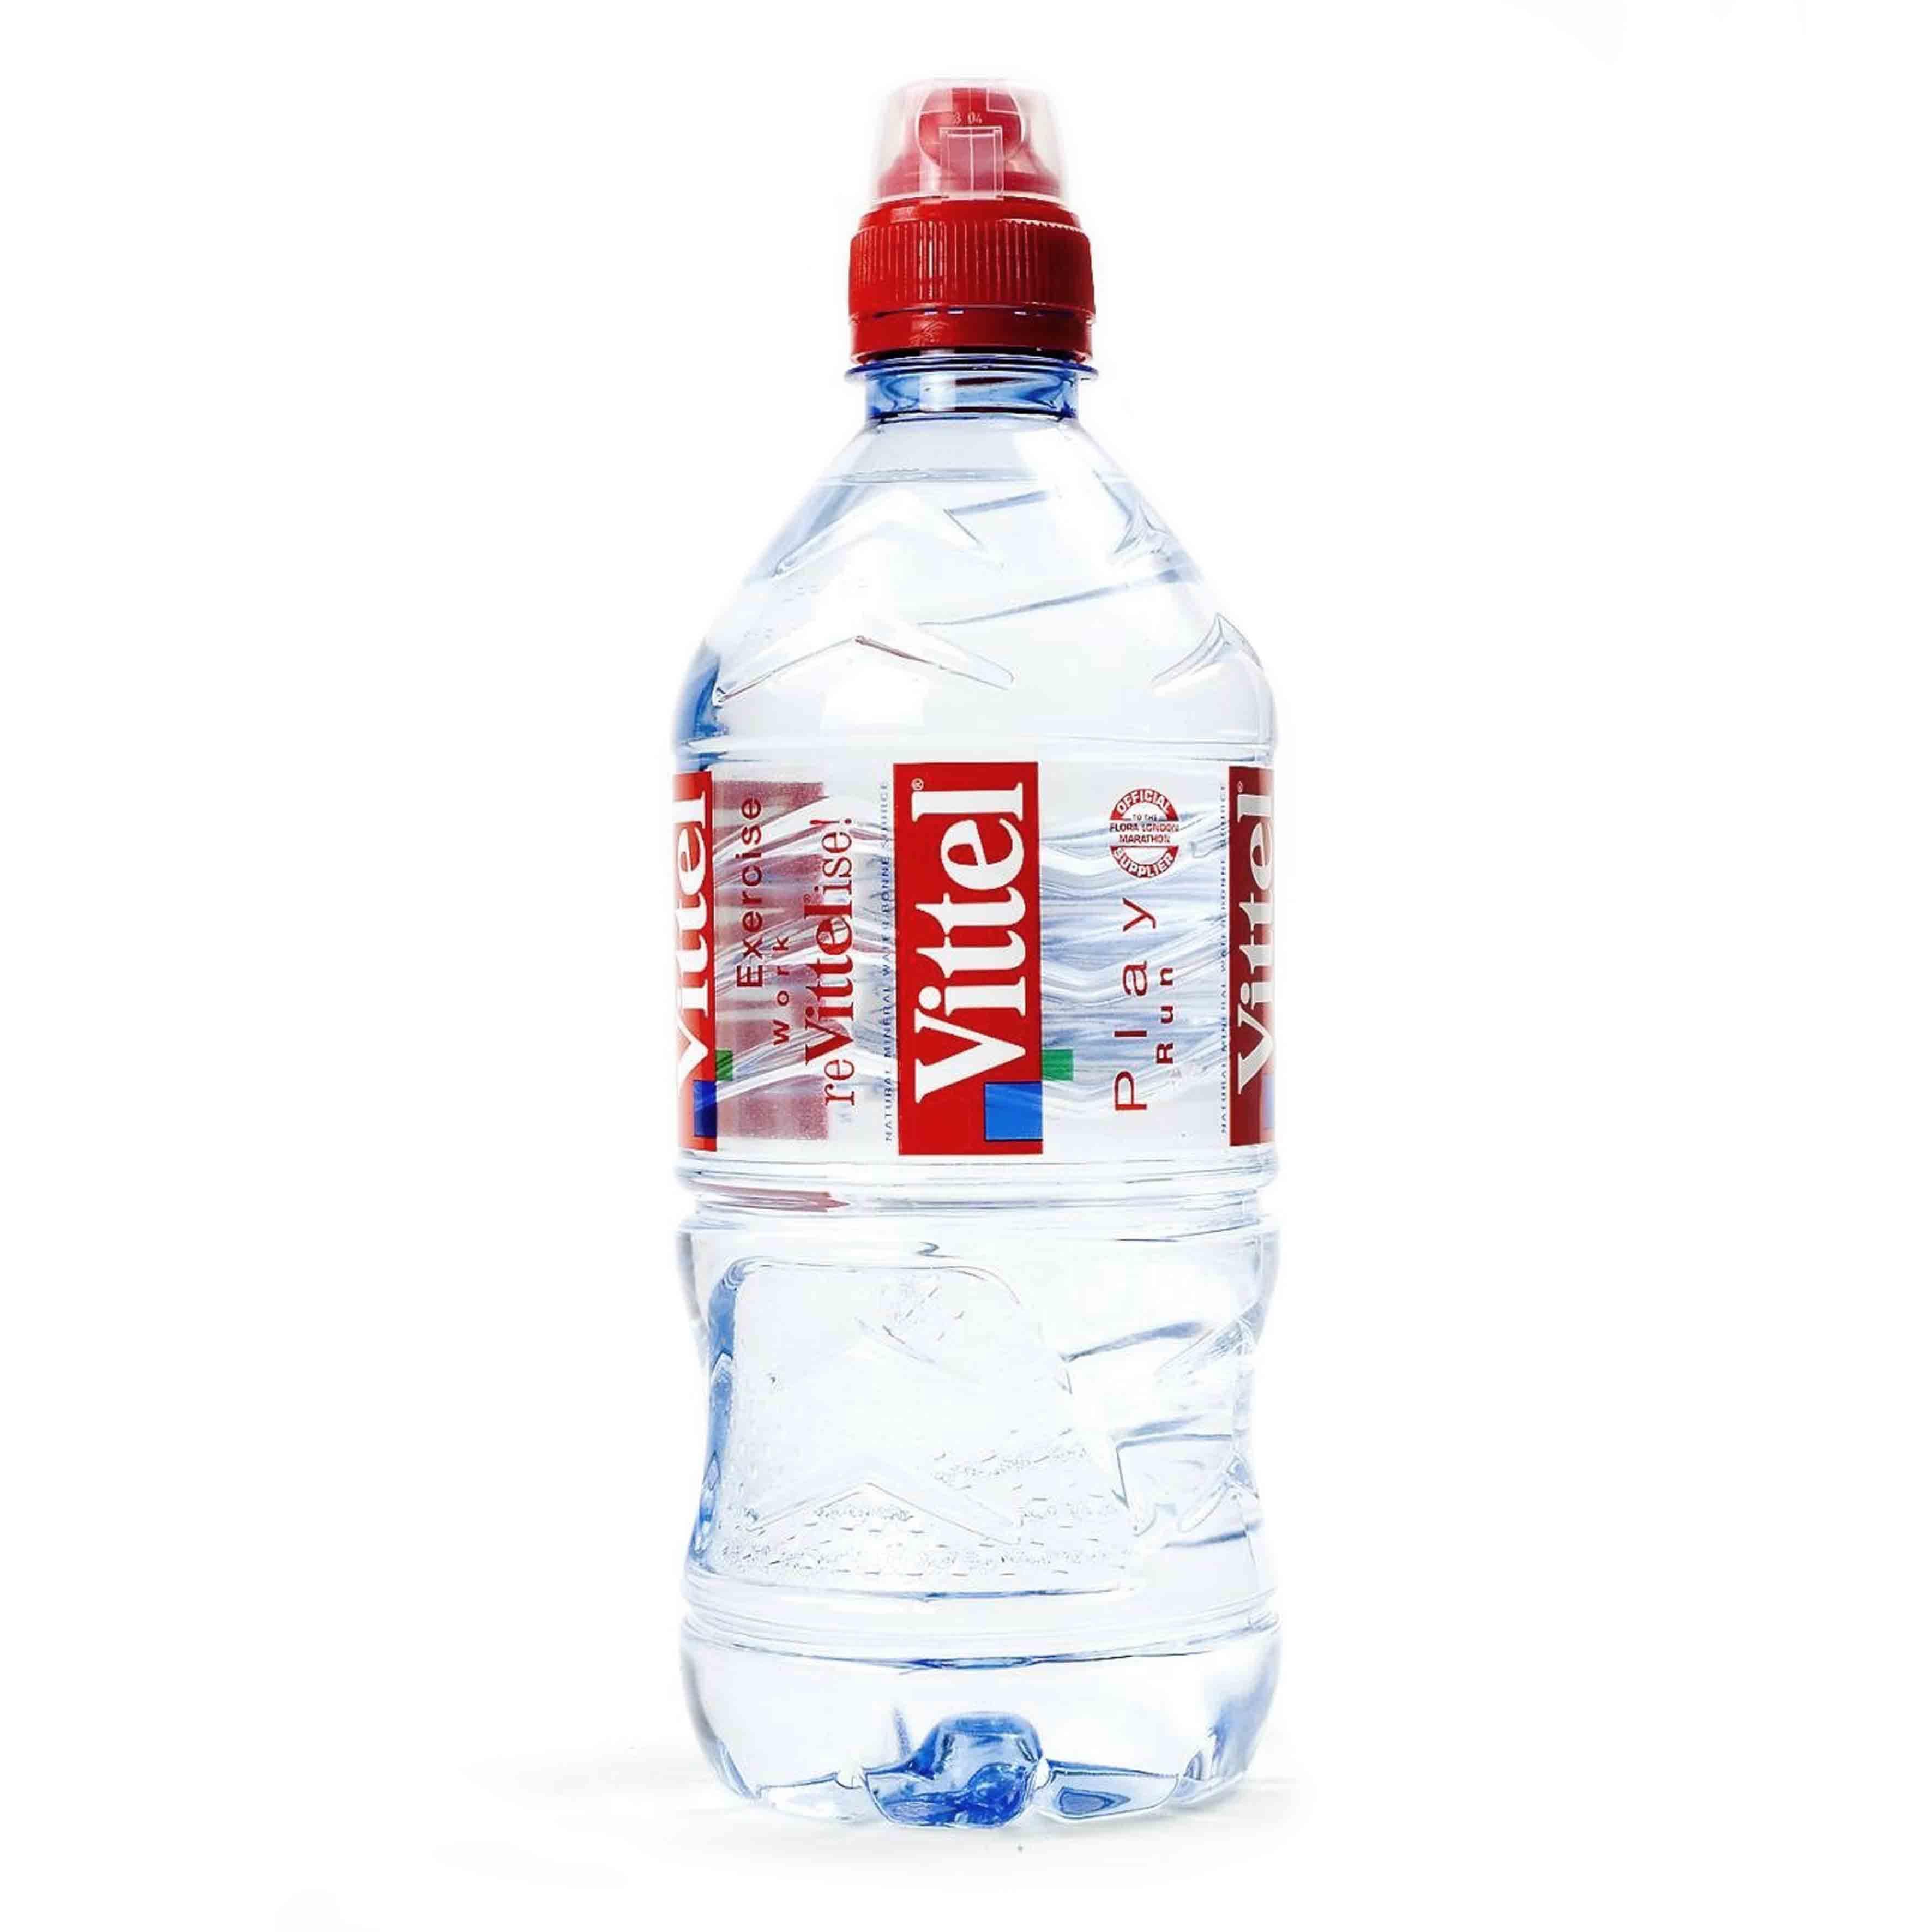 Минеральная вода Vittel sport cap